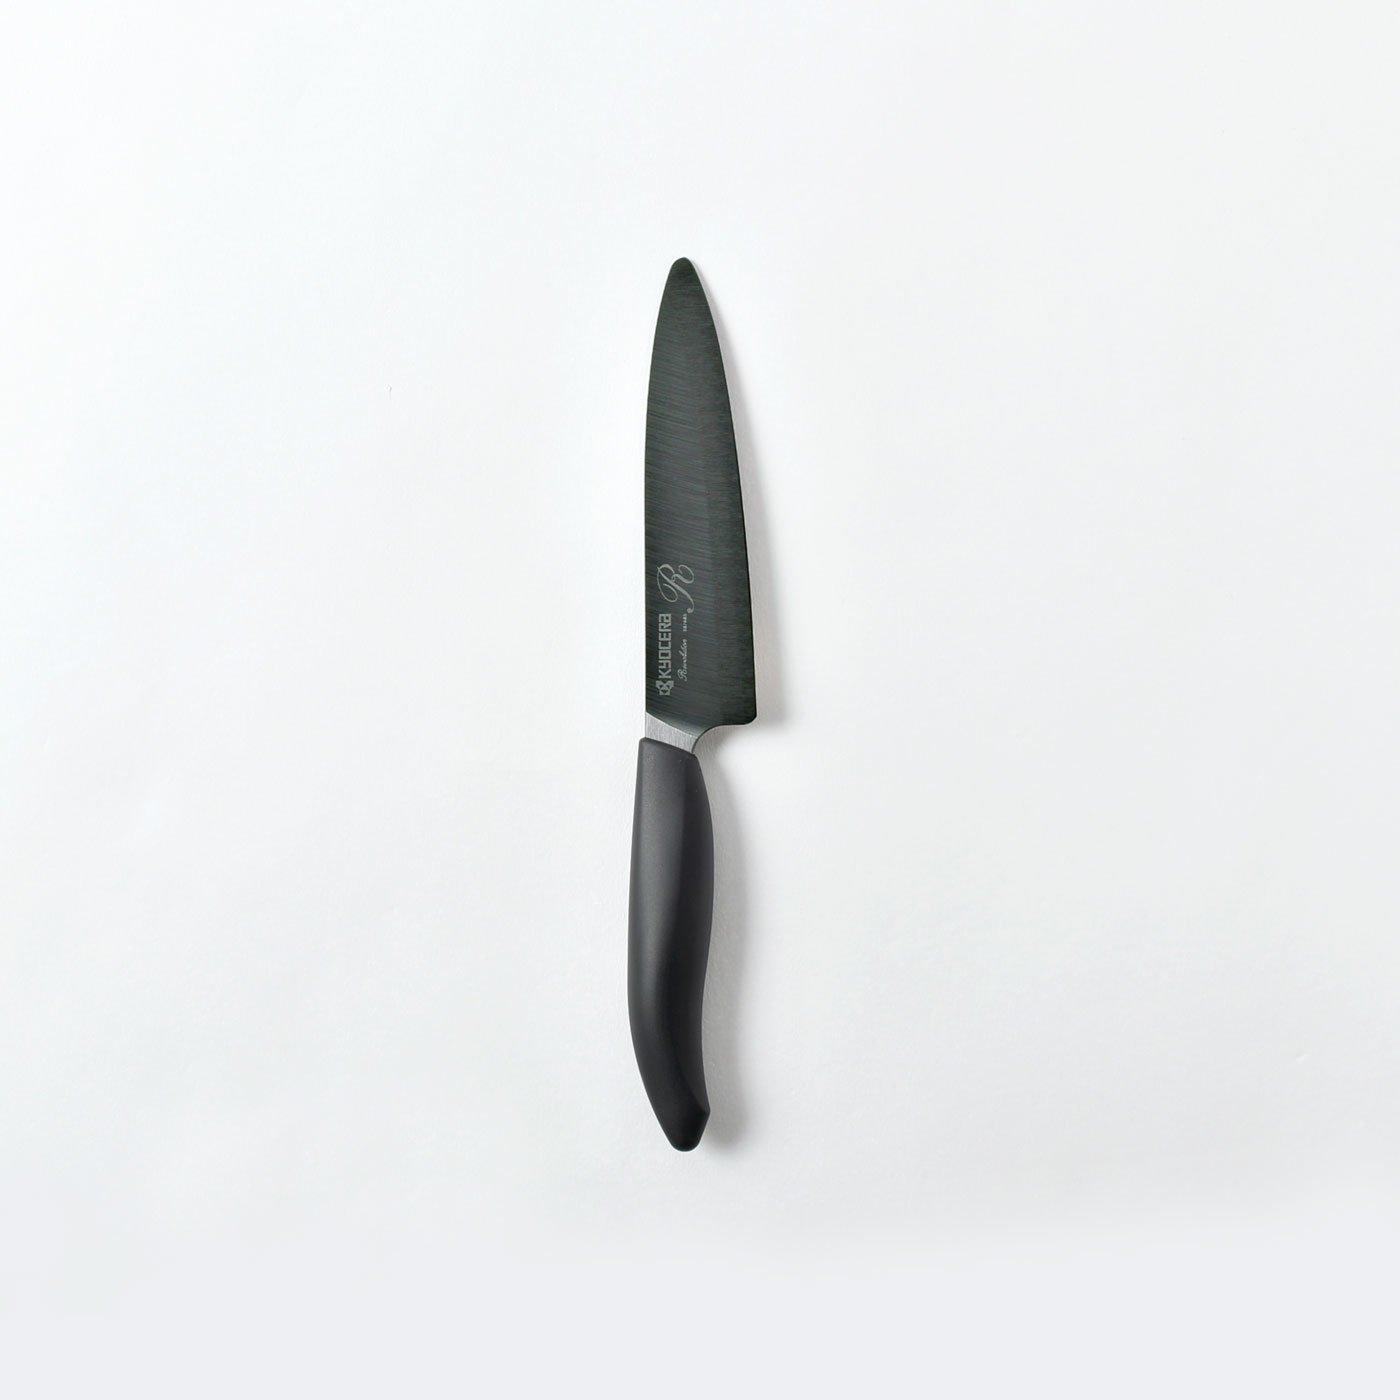 軽い・さびない・お手入れ簡単! セラミックナイフ〈ペティナイフ〉